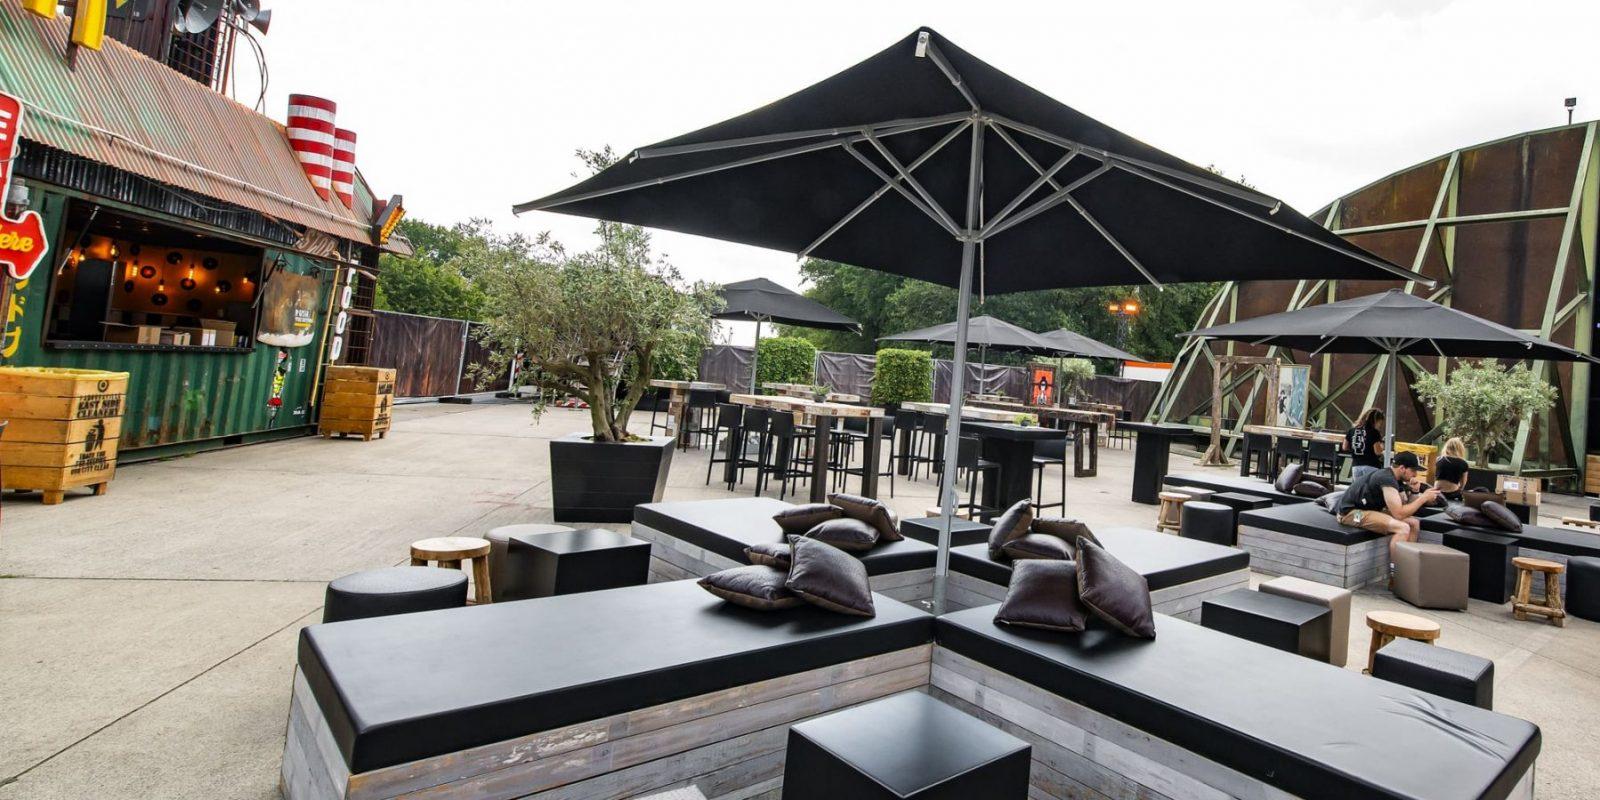 Bas de Boer Eventstyling Parookaville Festival 2019 Artistvillage outdoormöbel Sonnenschirm Loungemöbel www.basdeboer eventstyling.de 059 1600x800 - Parookaville Festival 2019